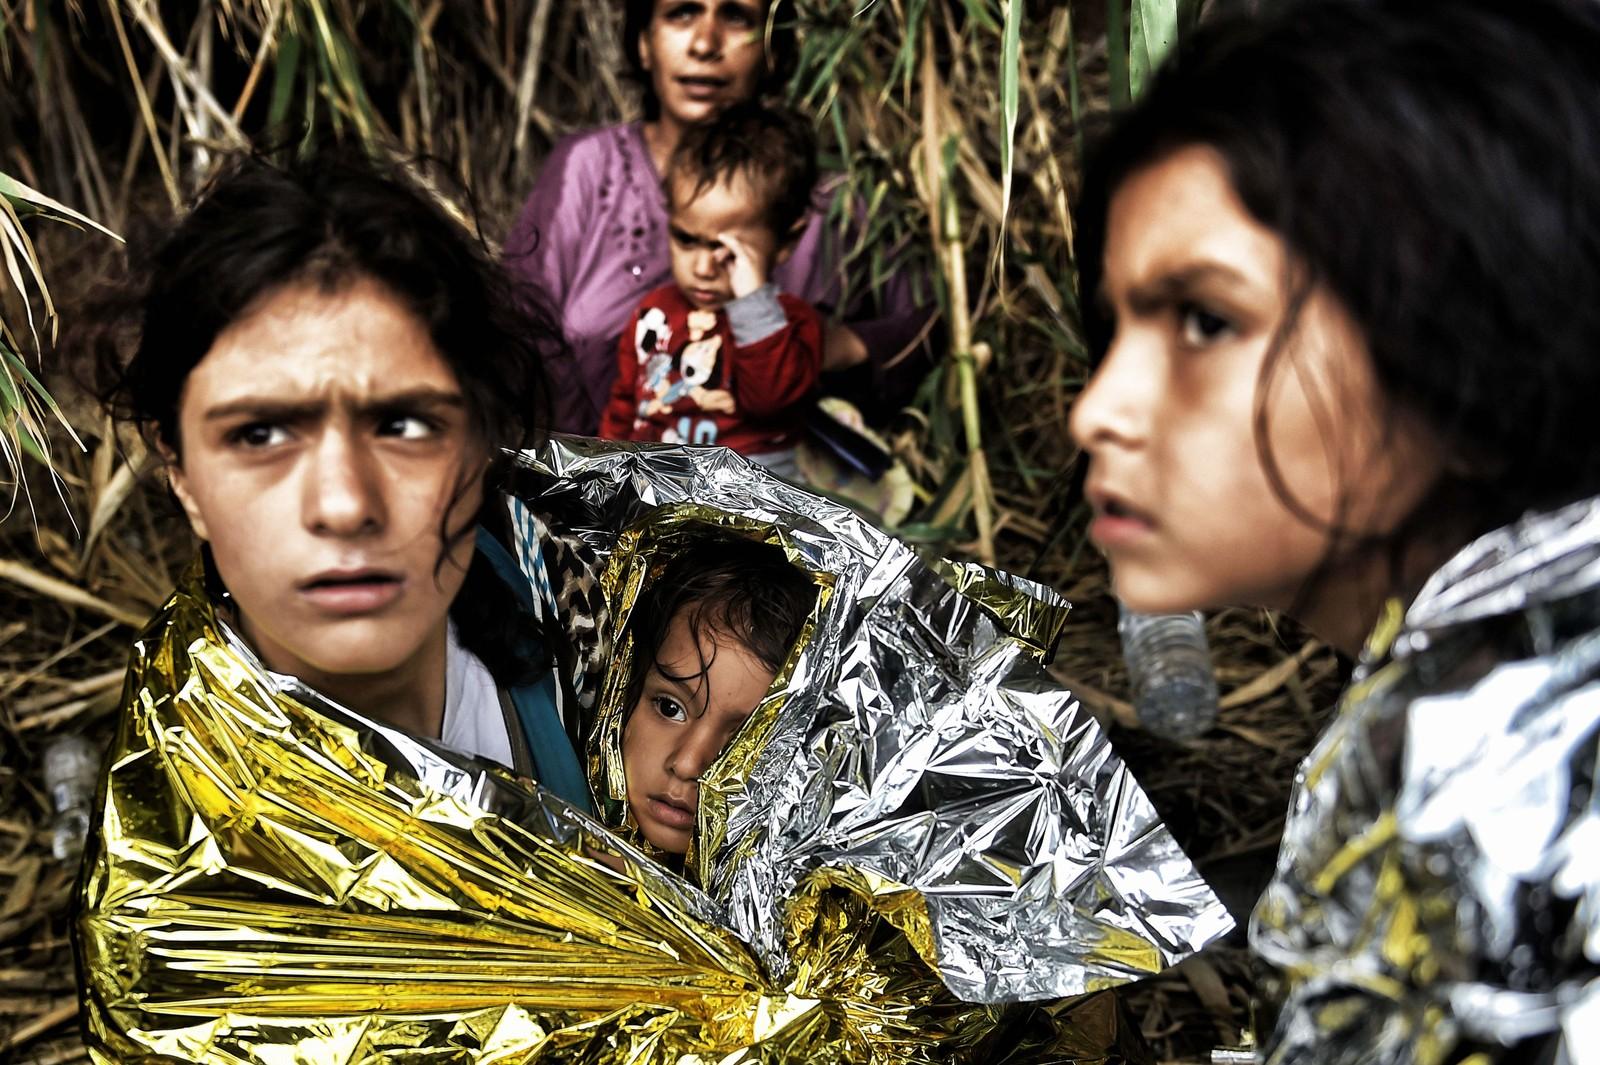 En gruppe syriske kvinner og barn i varmetepper som akkurat har kommet i land på Lesvos 28. september 2015.